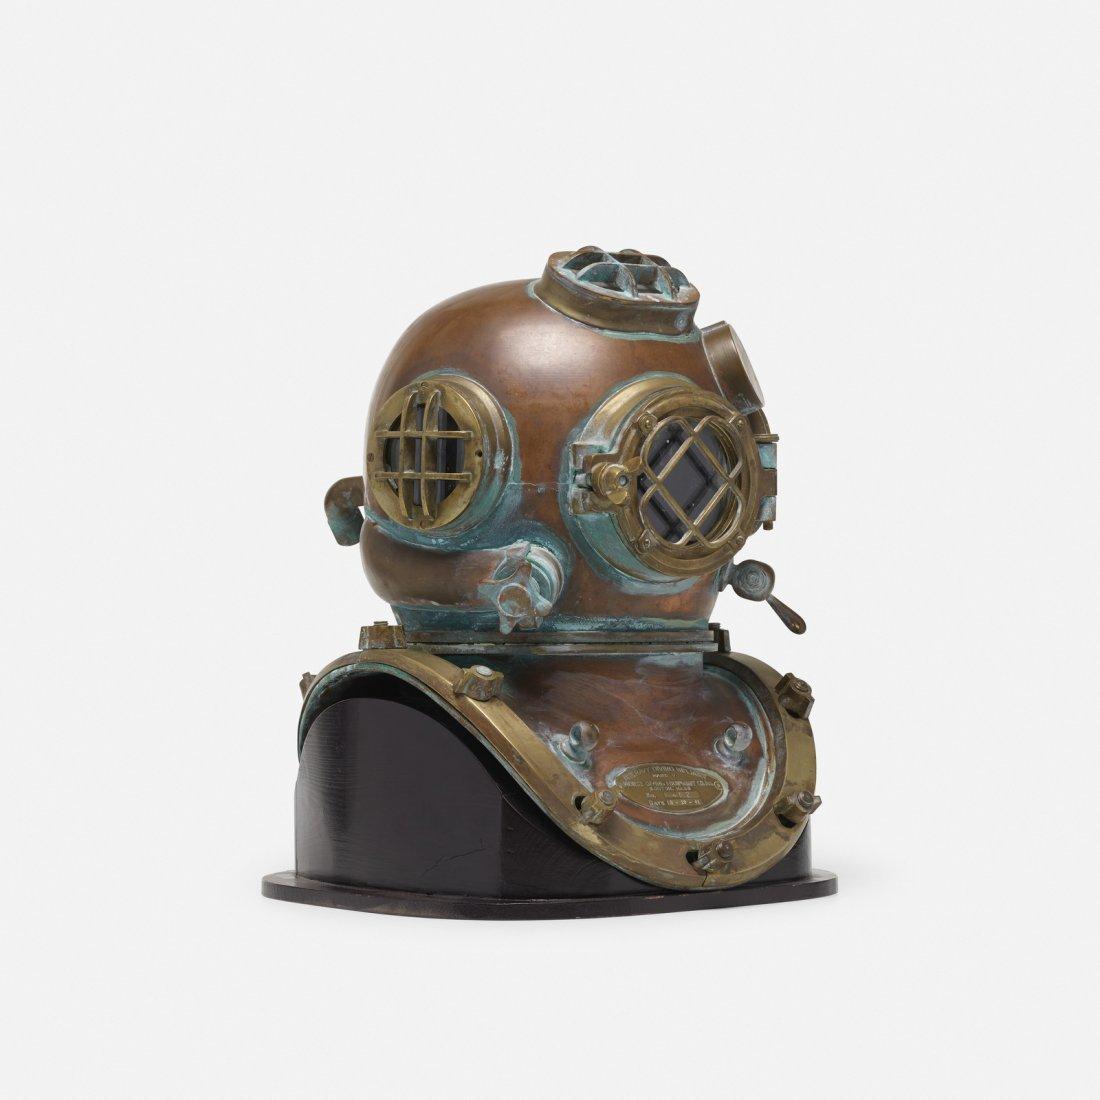 Morse Diving Equipment, U.S. Navy Mark V diving helmet - 2